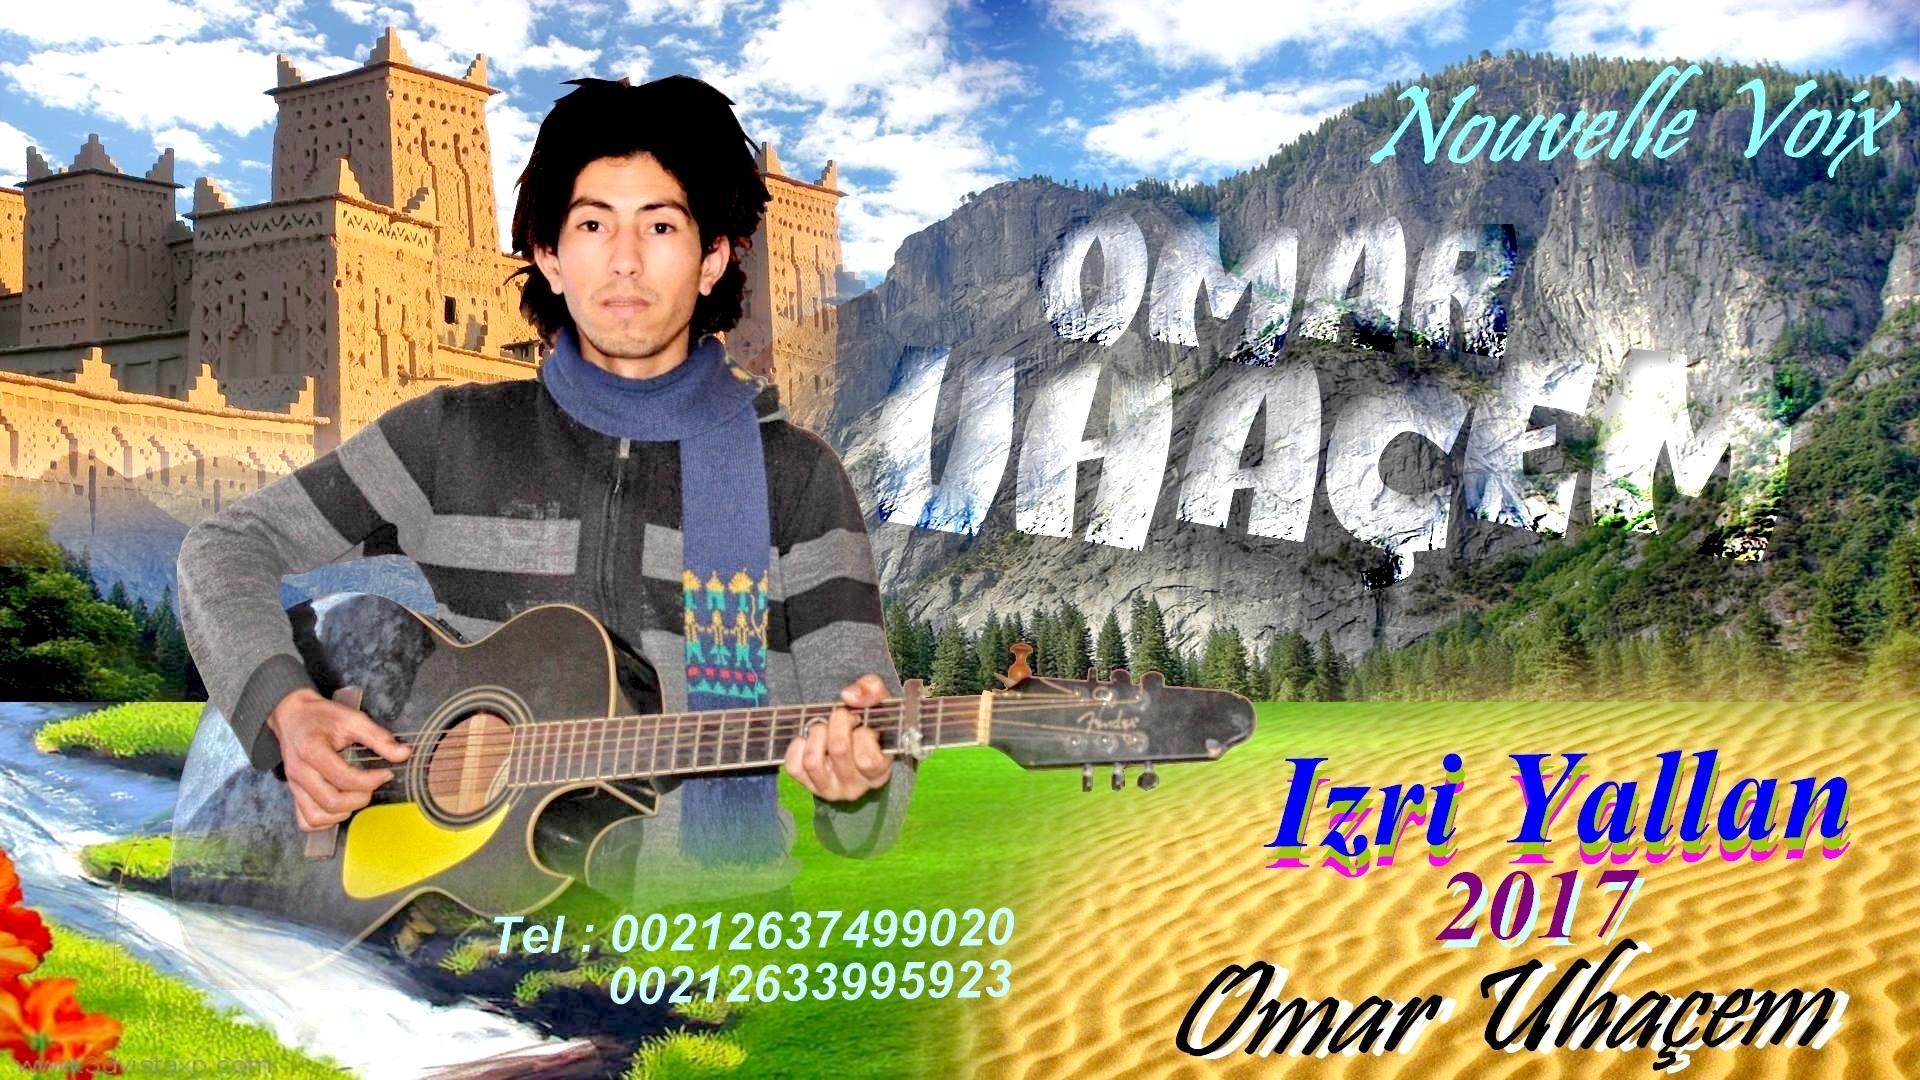 Omar Uhaçem